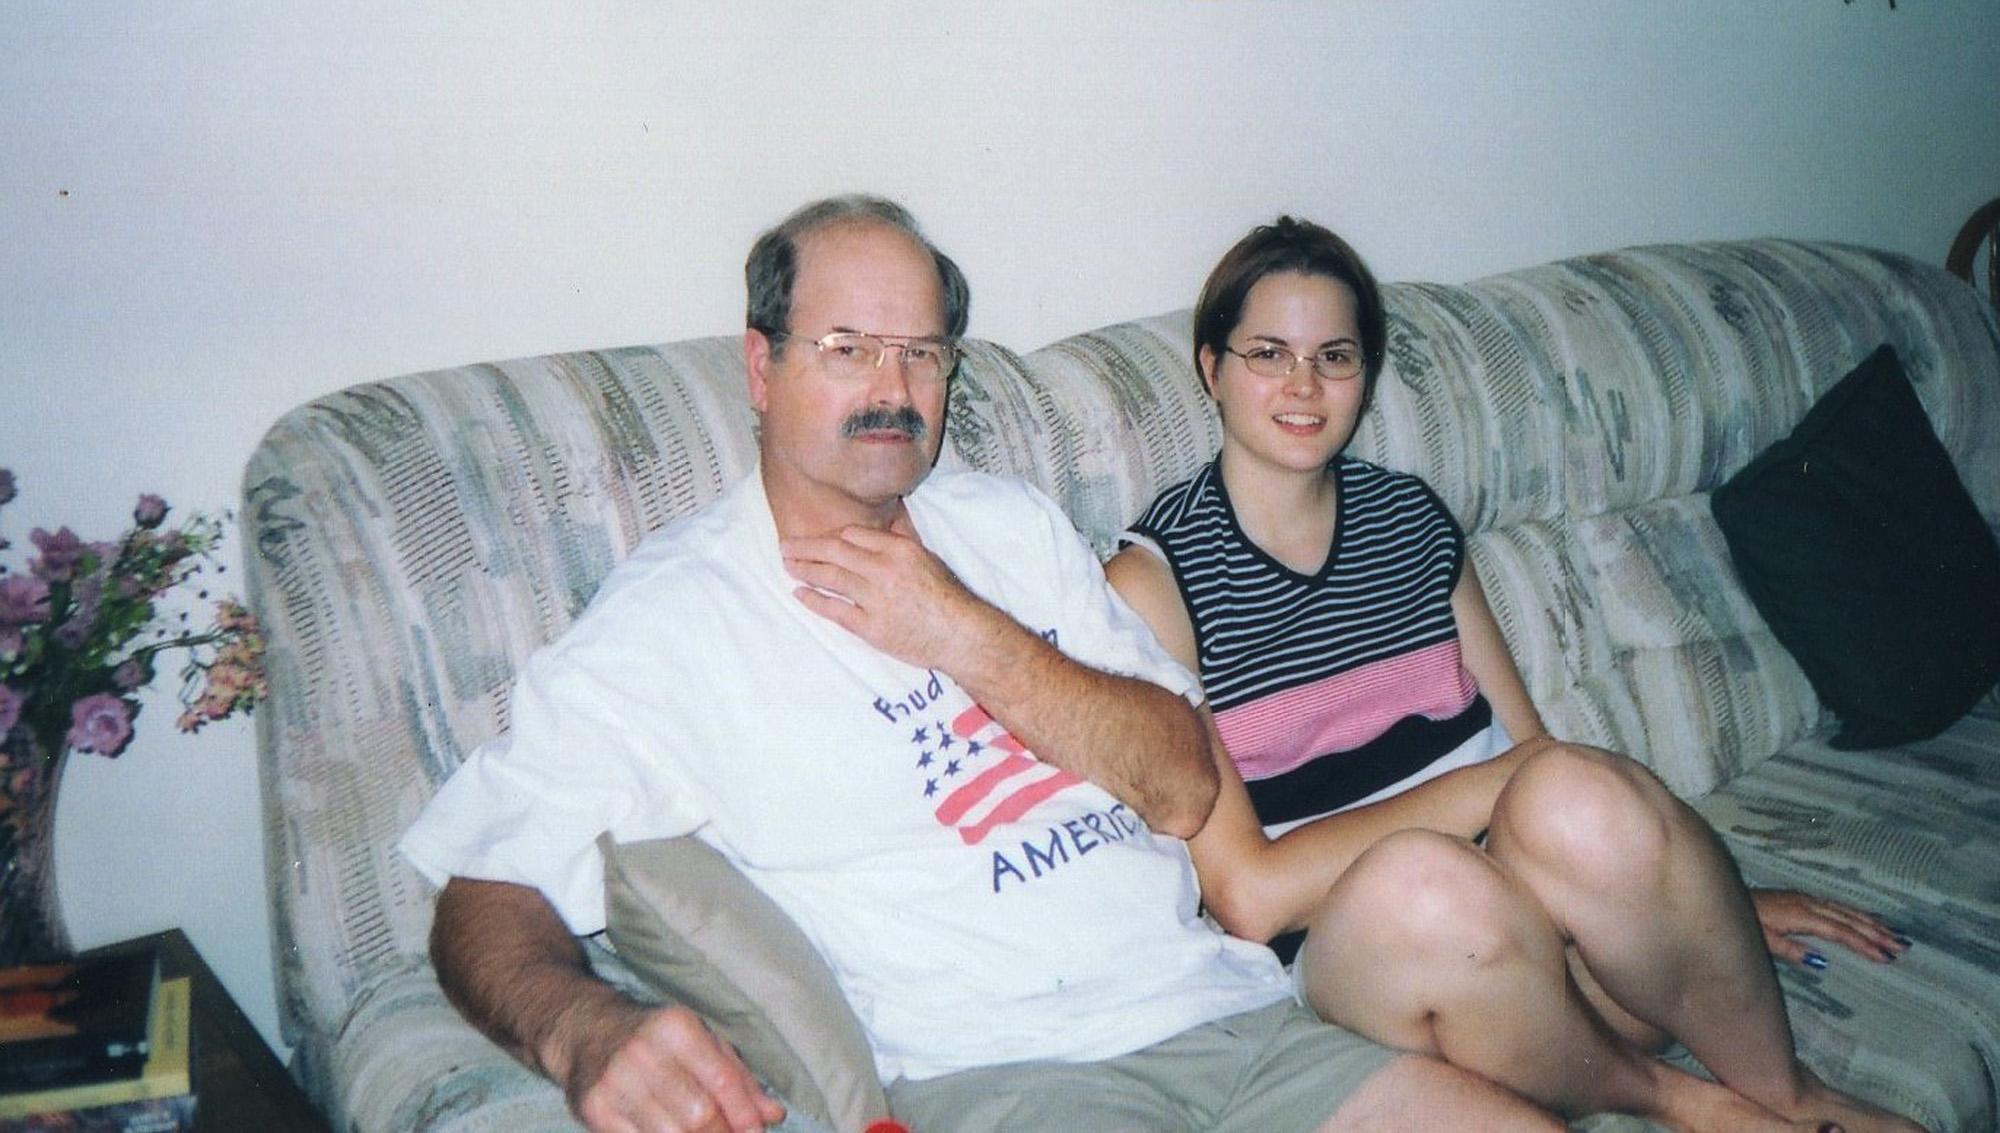 Рассказ о том как отец спит с дочерью 19 фотография